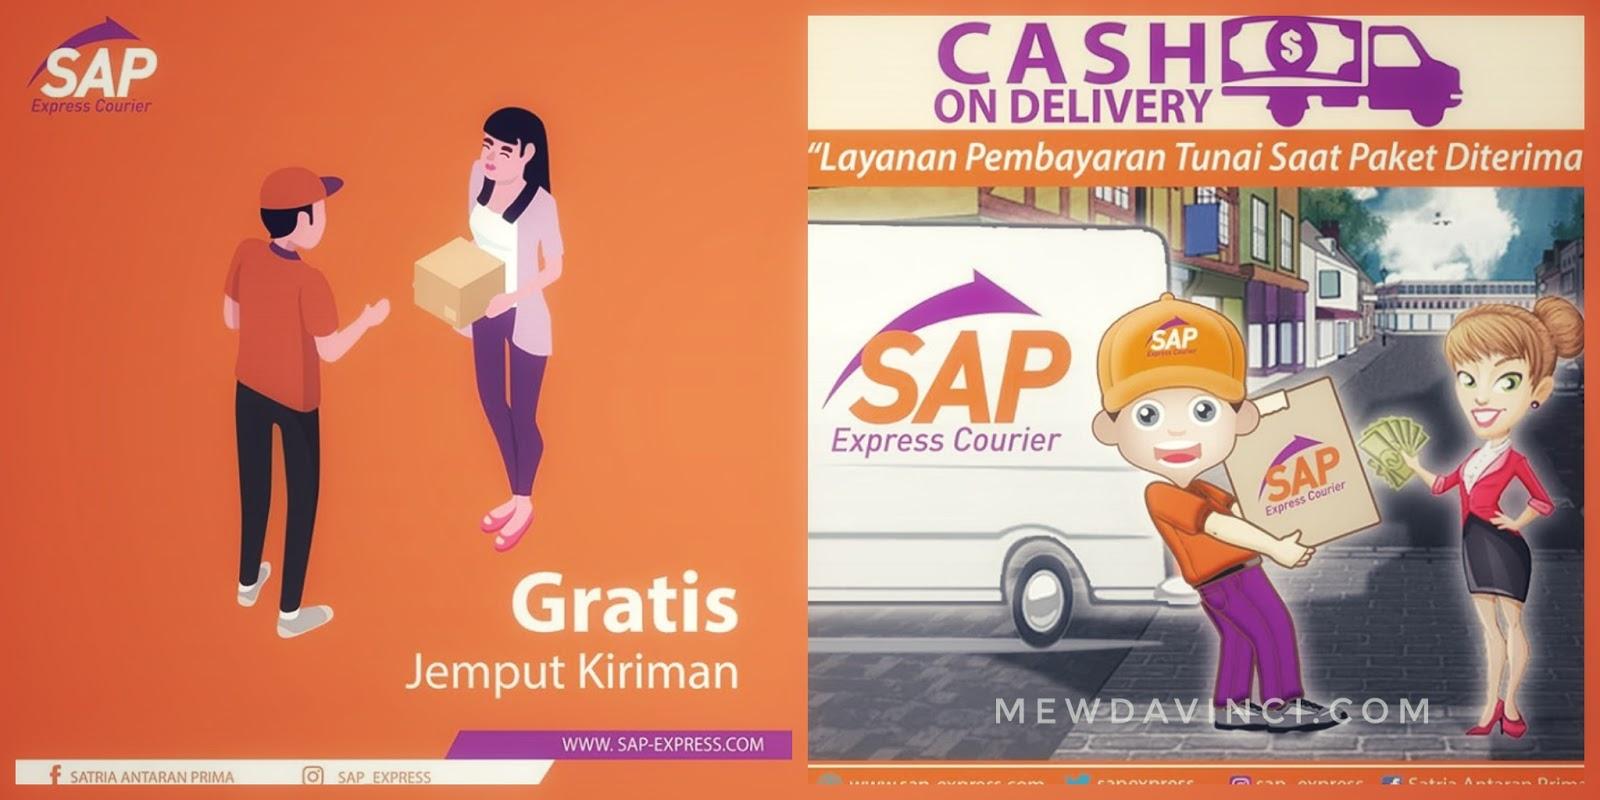 Jasa pengiriman paket/dokumen SAP Express